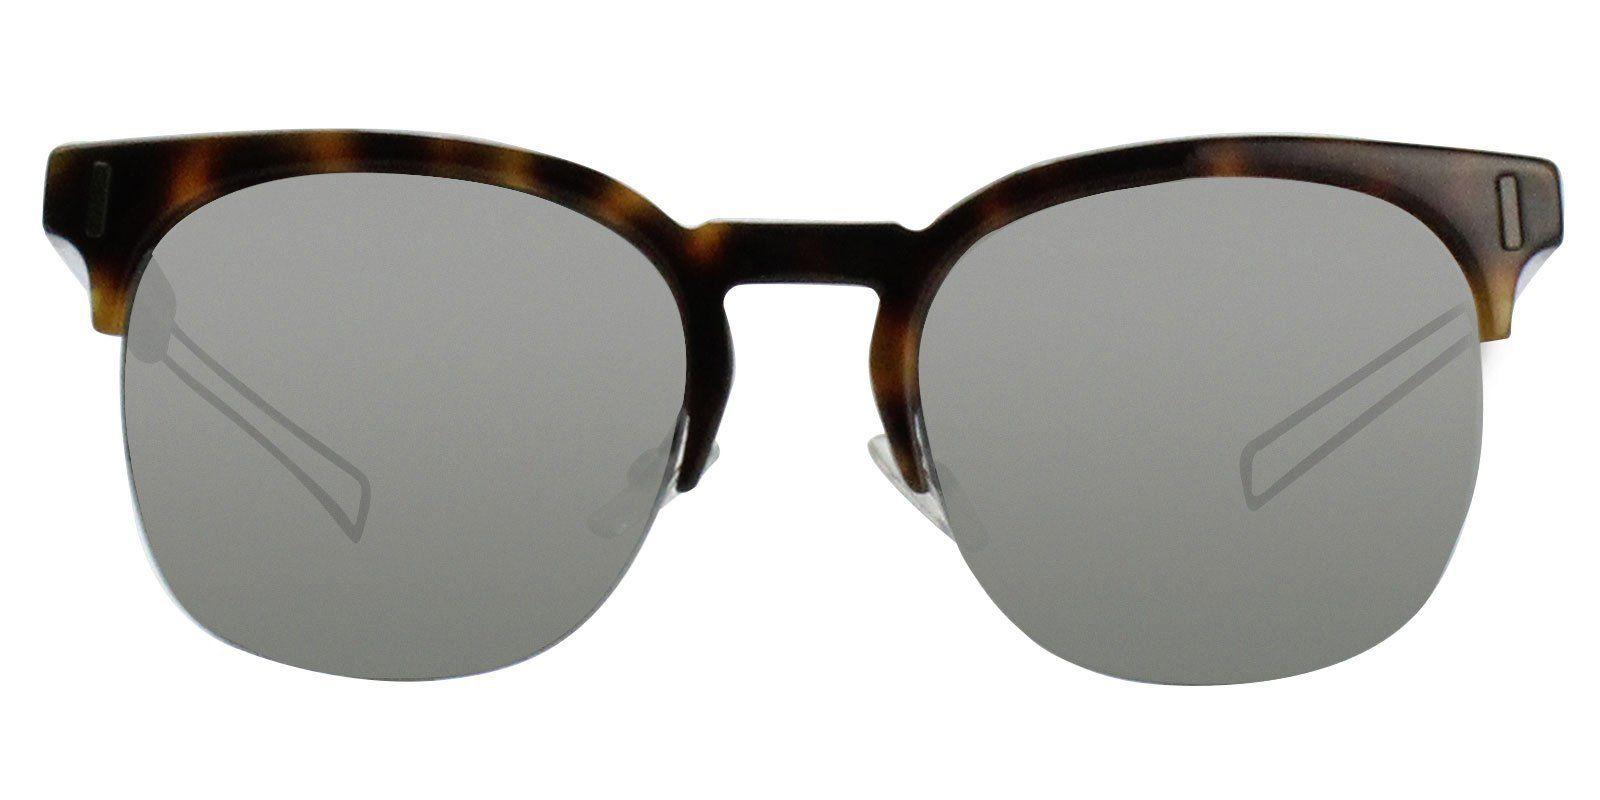 6045d1dc75 Dior Homme - Black Tie 207S Tortoise - Gray sunglasses